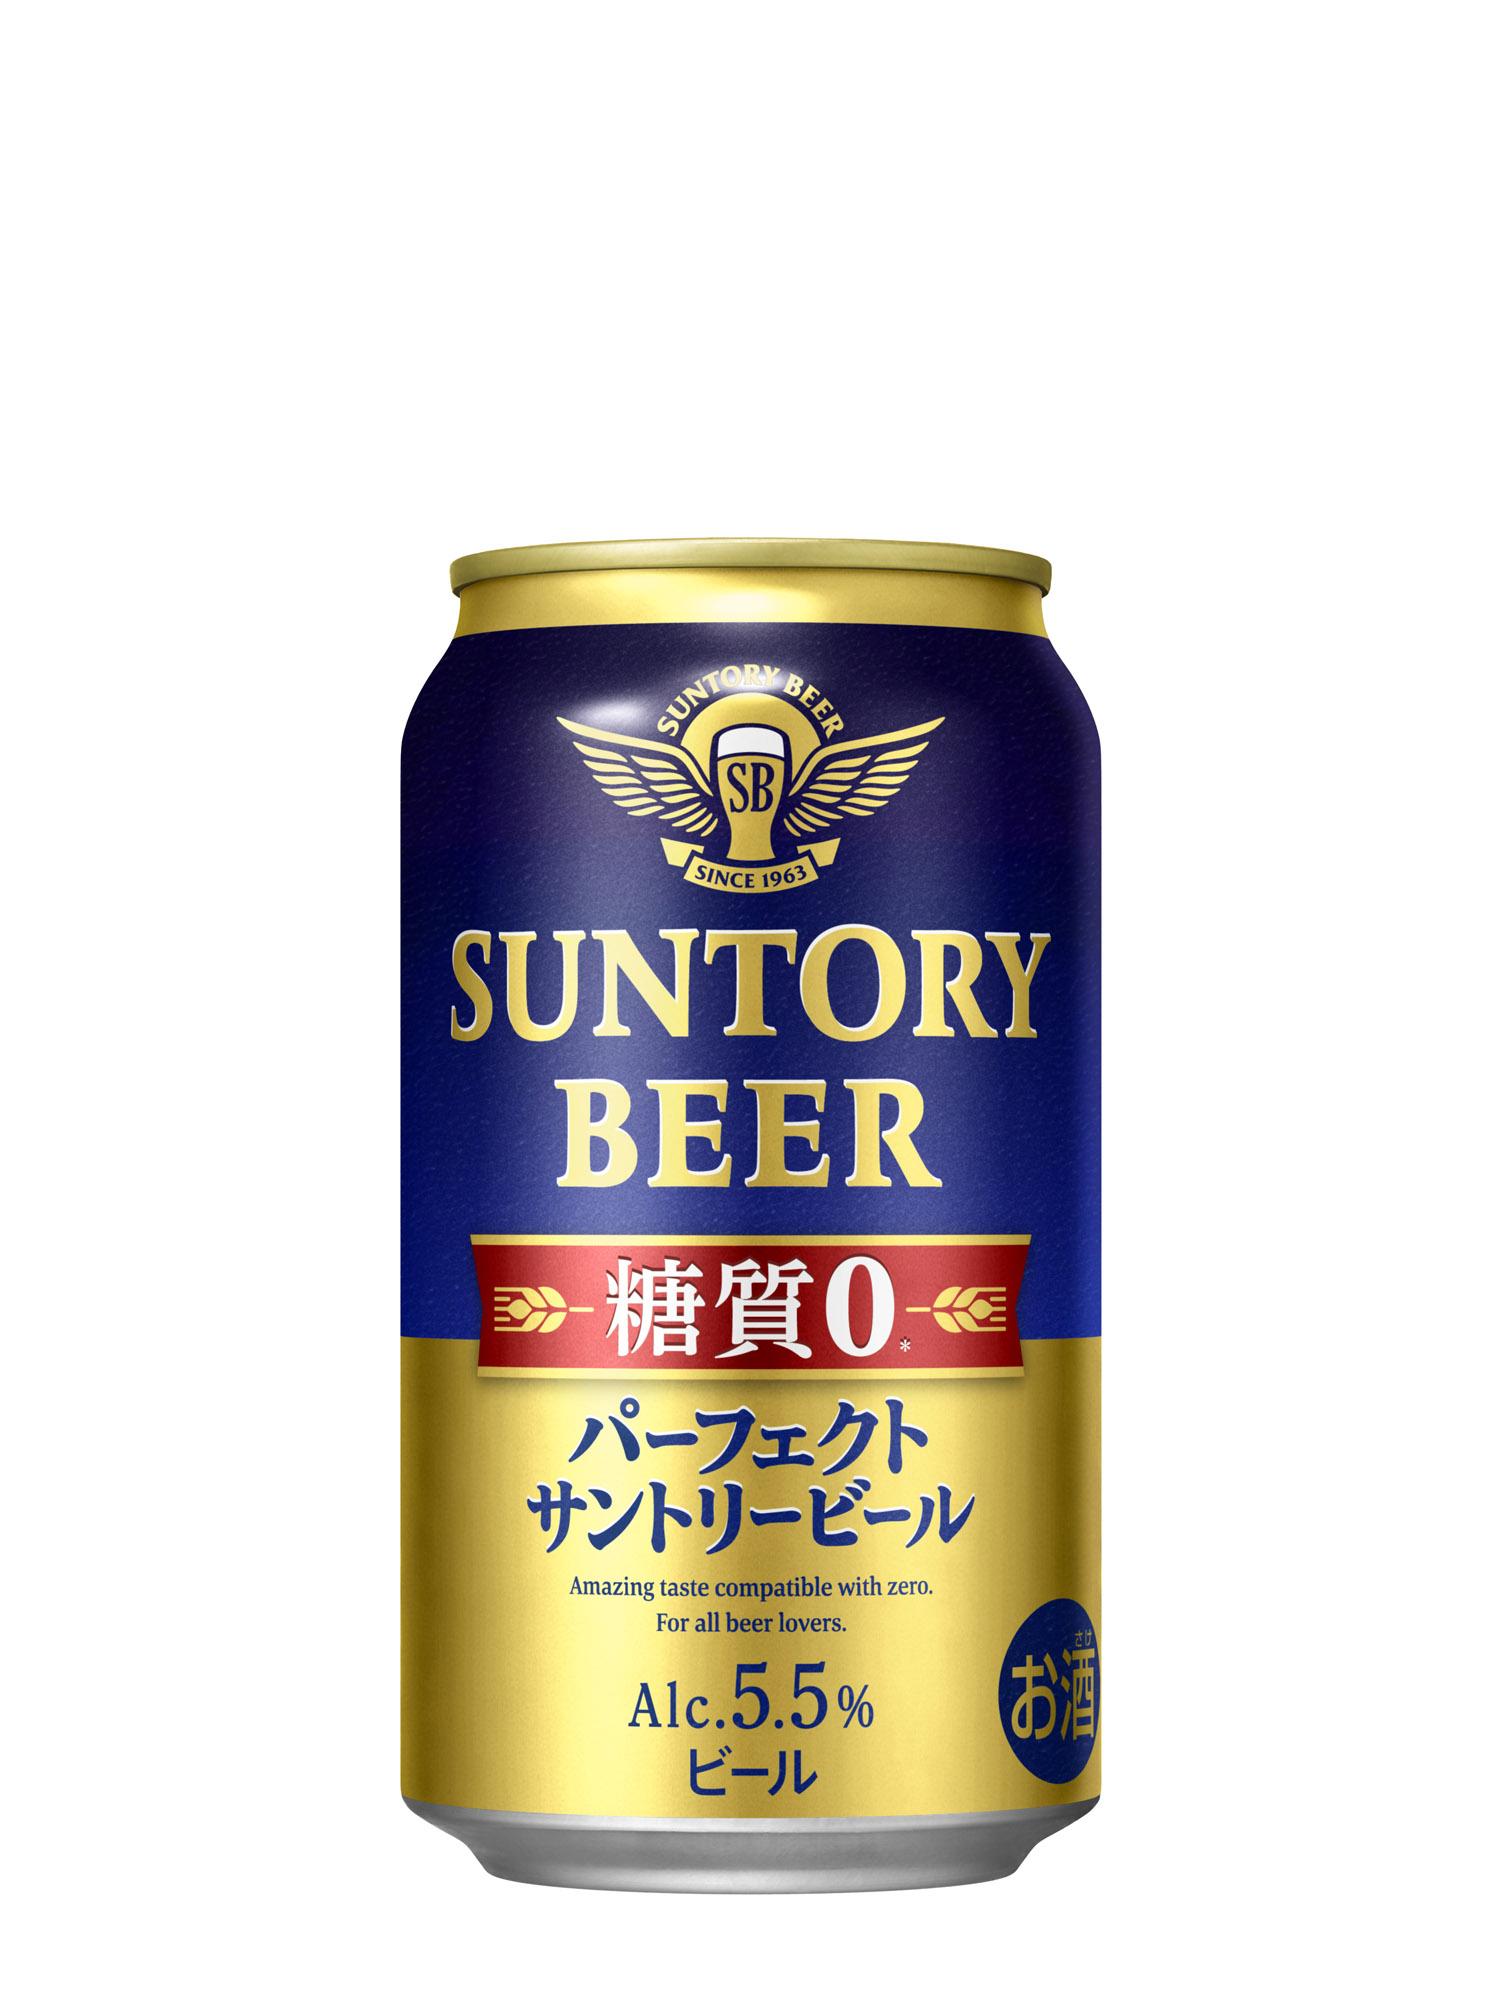 パーフェクトサントリービール」新発売 2021年2月24日 ニュースリリース サントリー